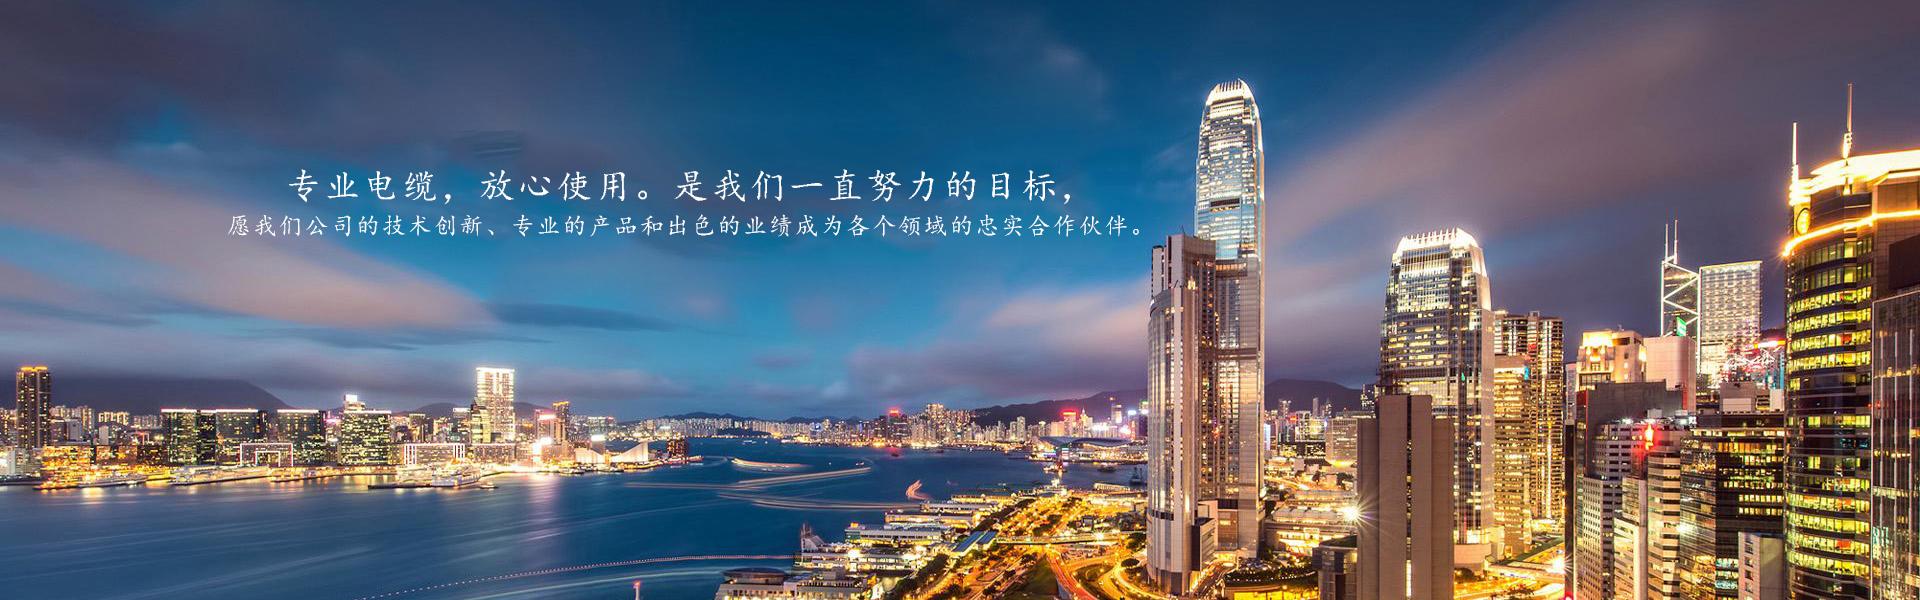 辽宁吉工电线电缆有限公司